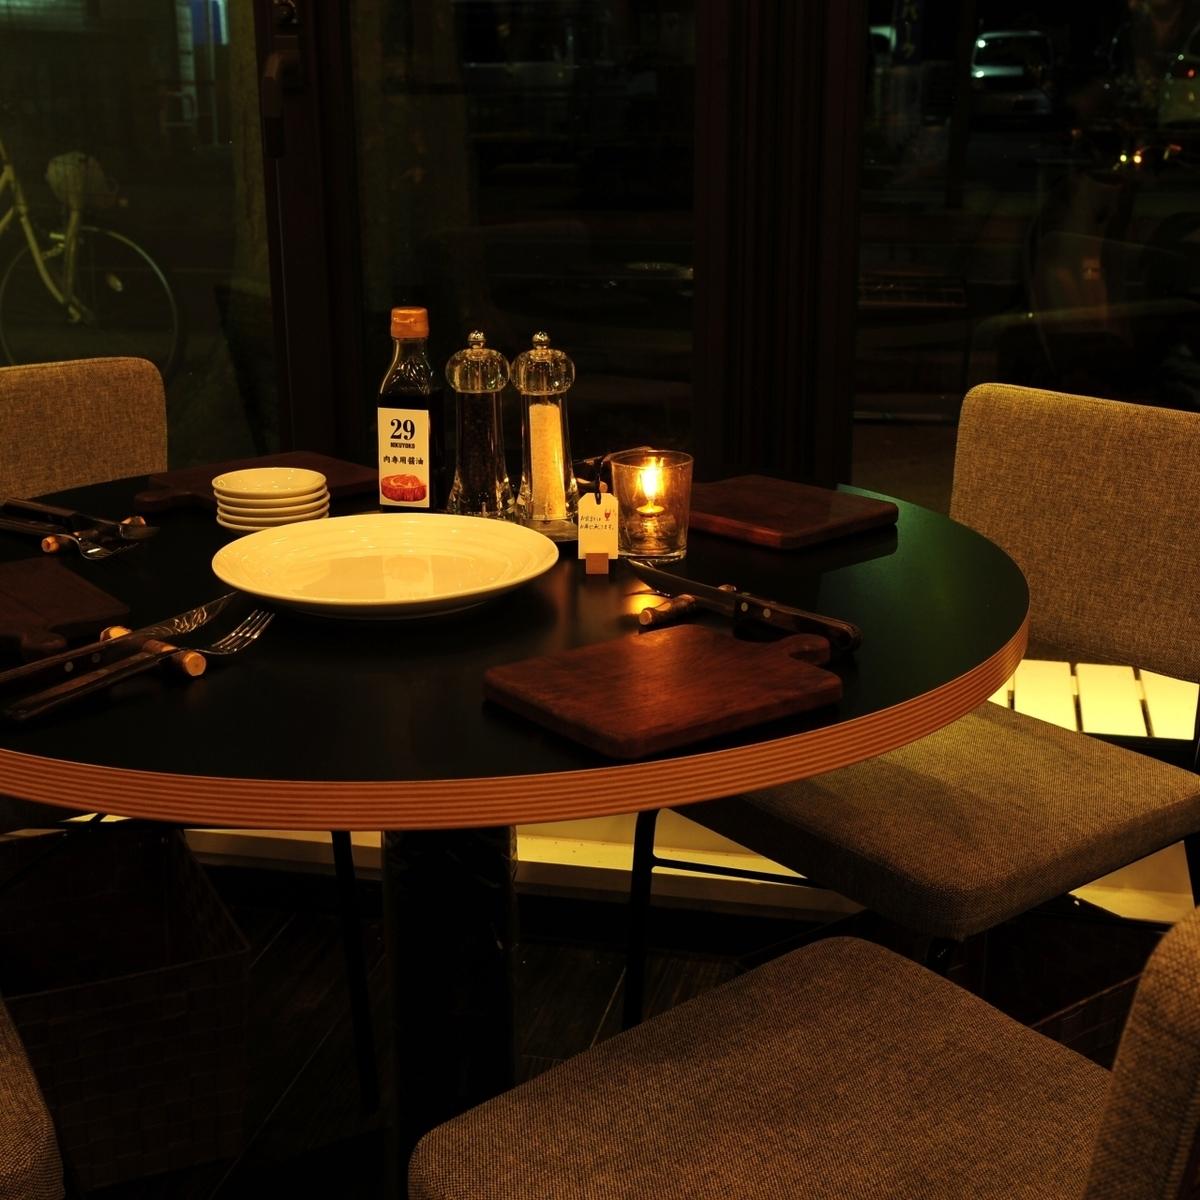 4名グループのお客様へのオススメは窓際にある1席のみの丸テーブル席!けやき通りを眺めながら爽やかにお楽しみいただけます!